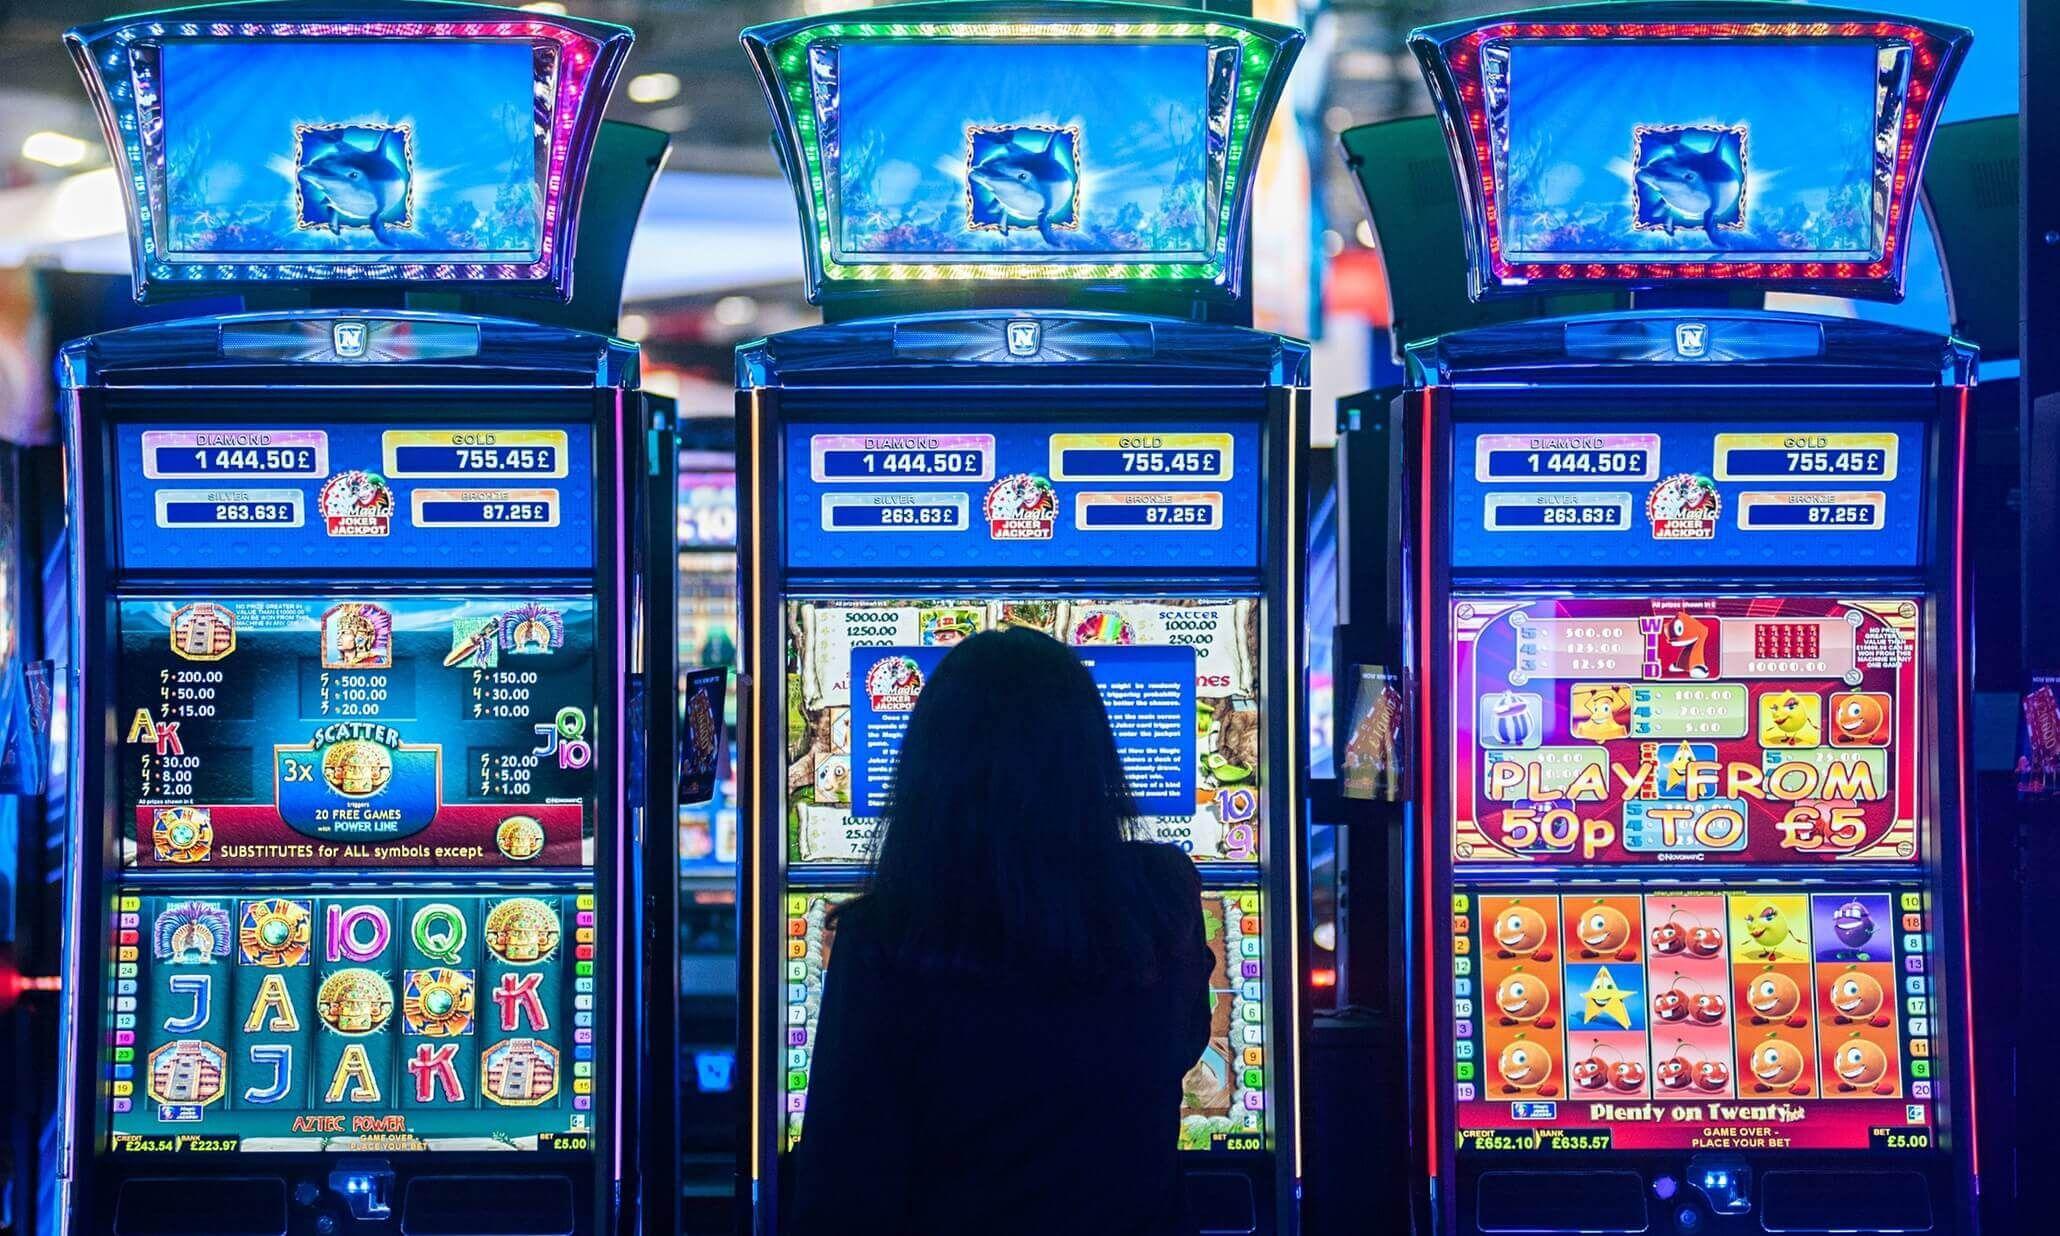 скачать гном игровой автомат скачать бесплатно